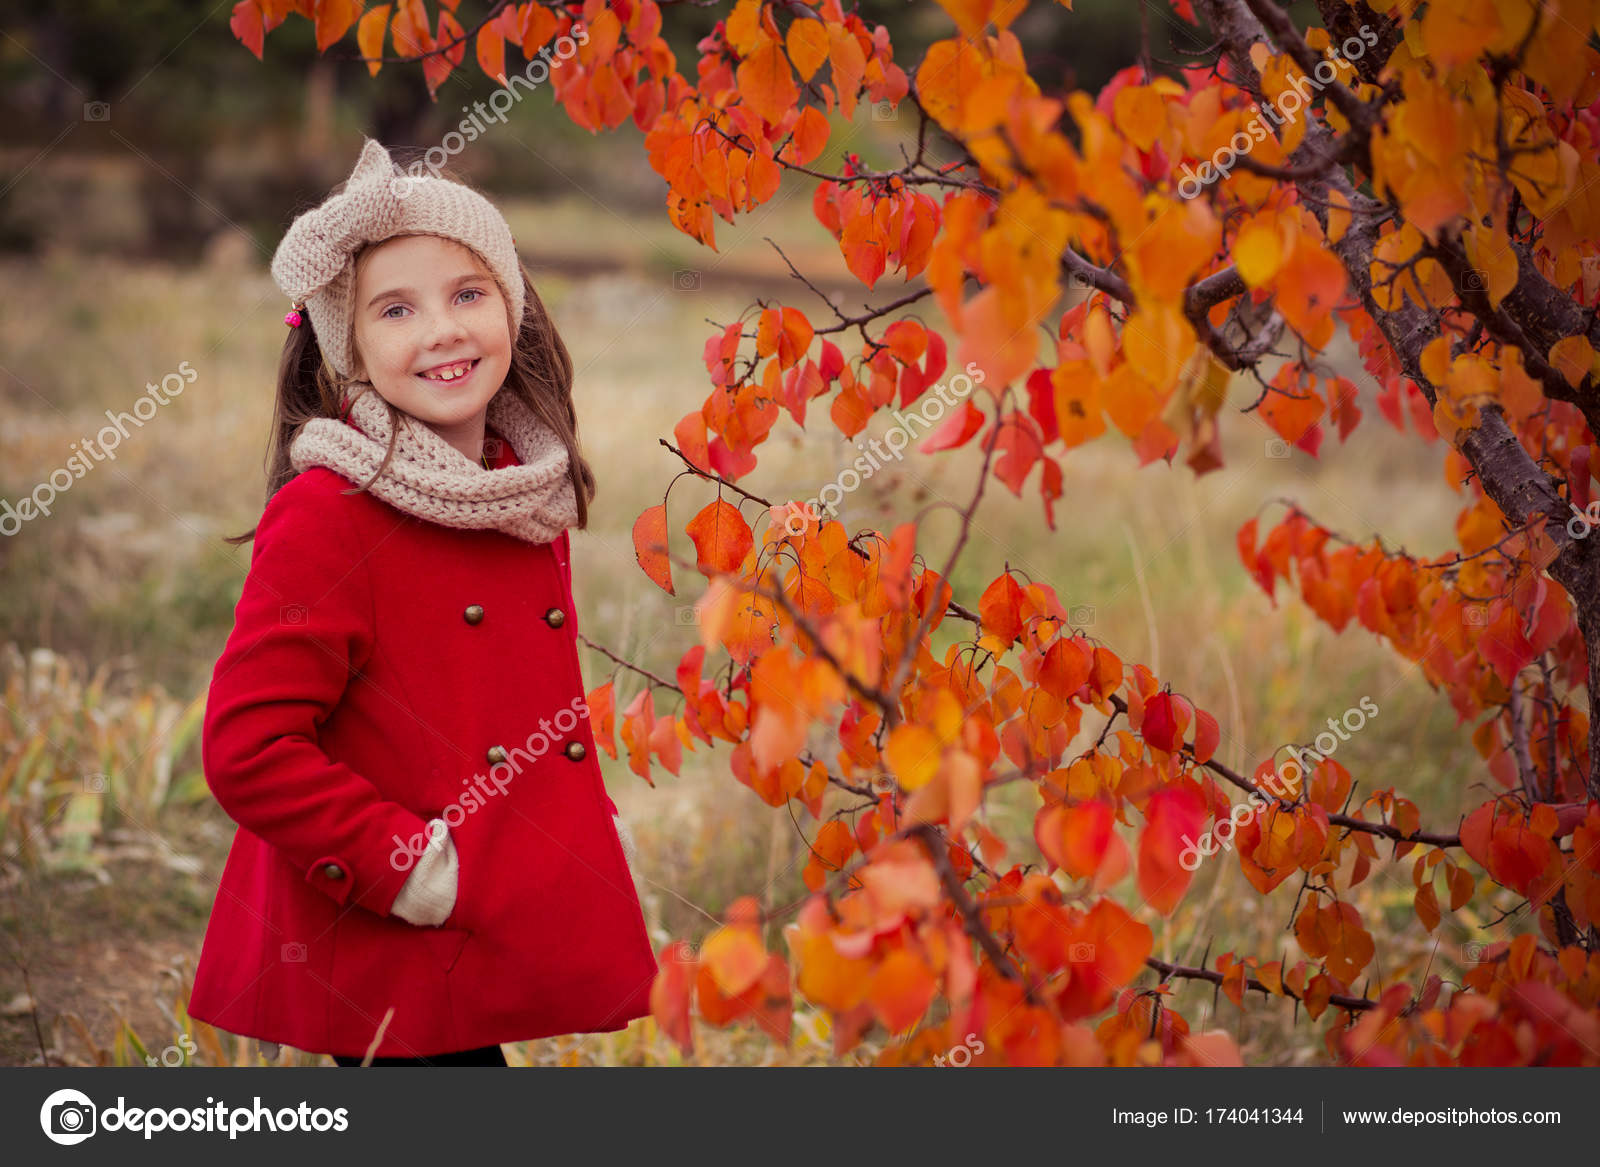 russa elegante mano ragazza rosso vestito a in fatta Carina giacca w648qER85